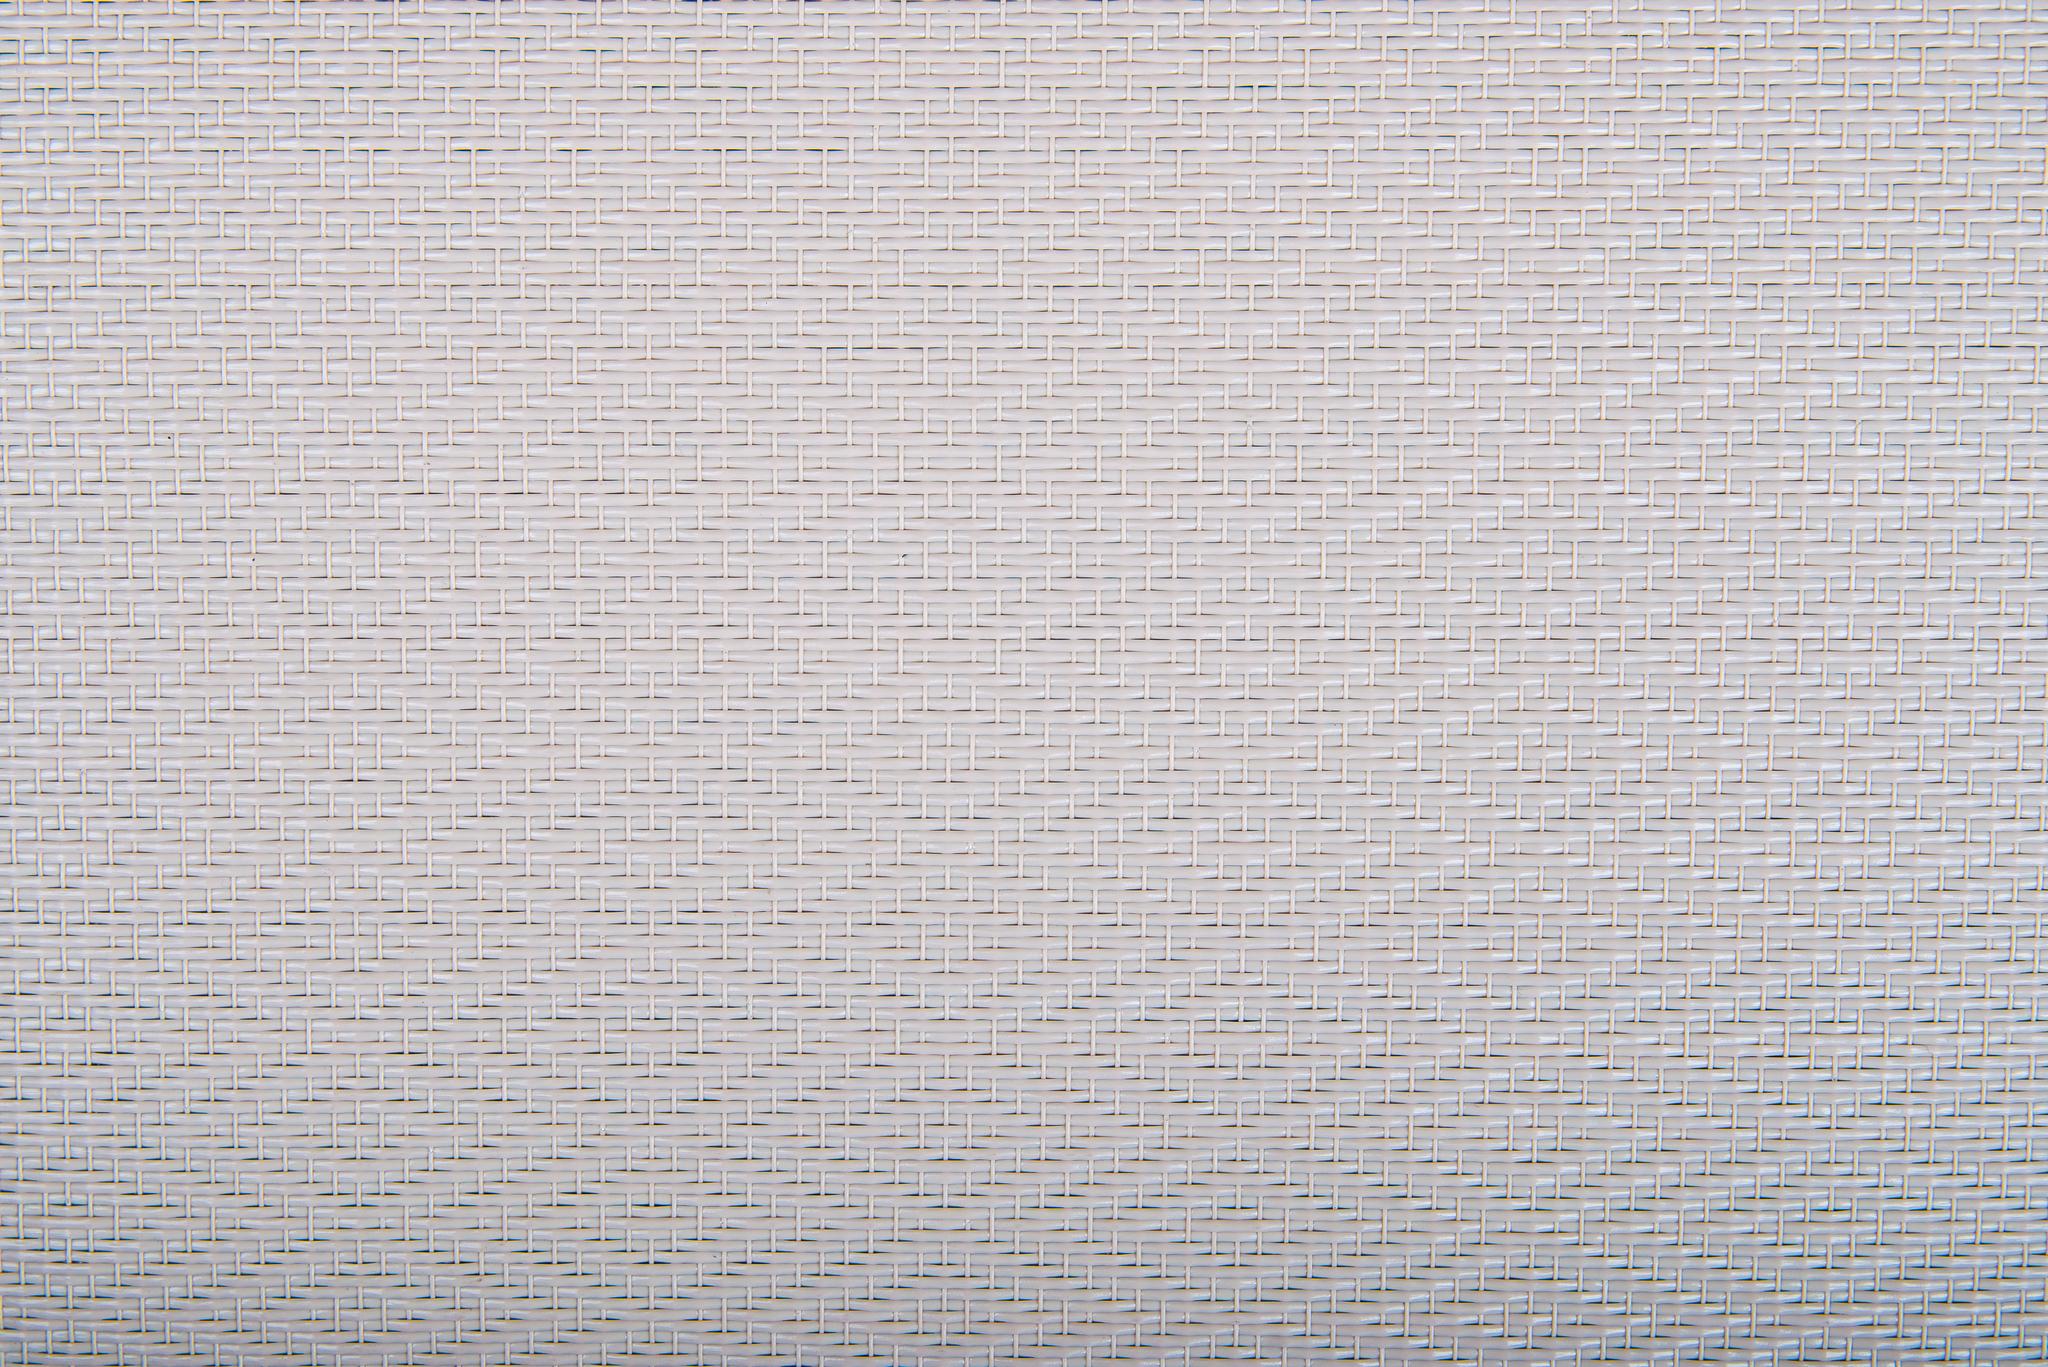 Плетеный виниловый пол Hoffmann - Walls (ECO - 11006 BSW)